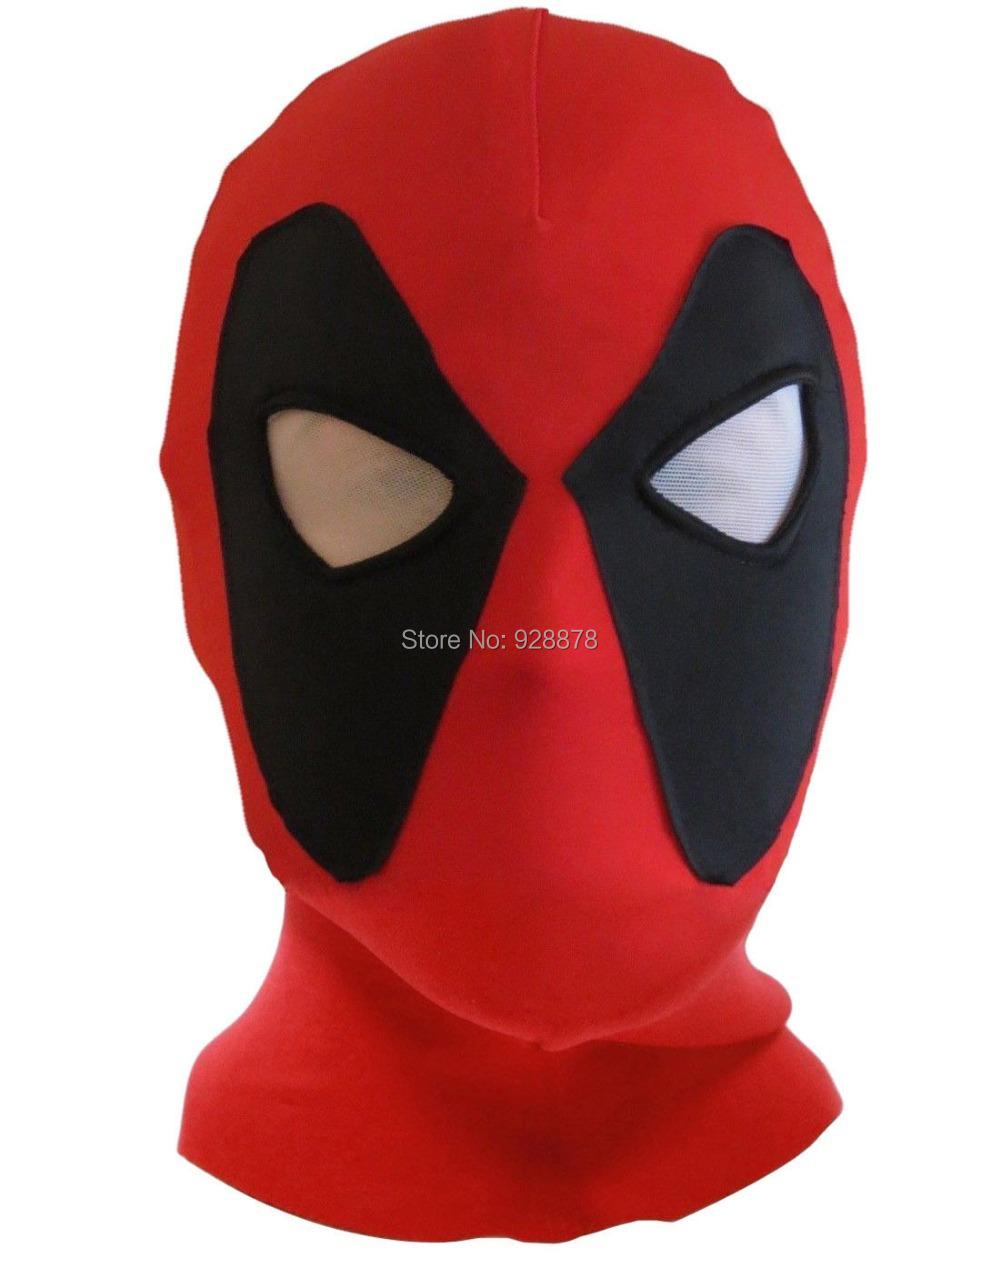 spandex maske taschenmuschi selbst machen